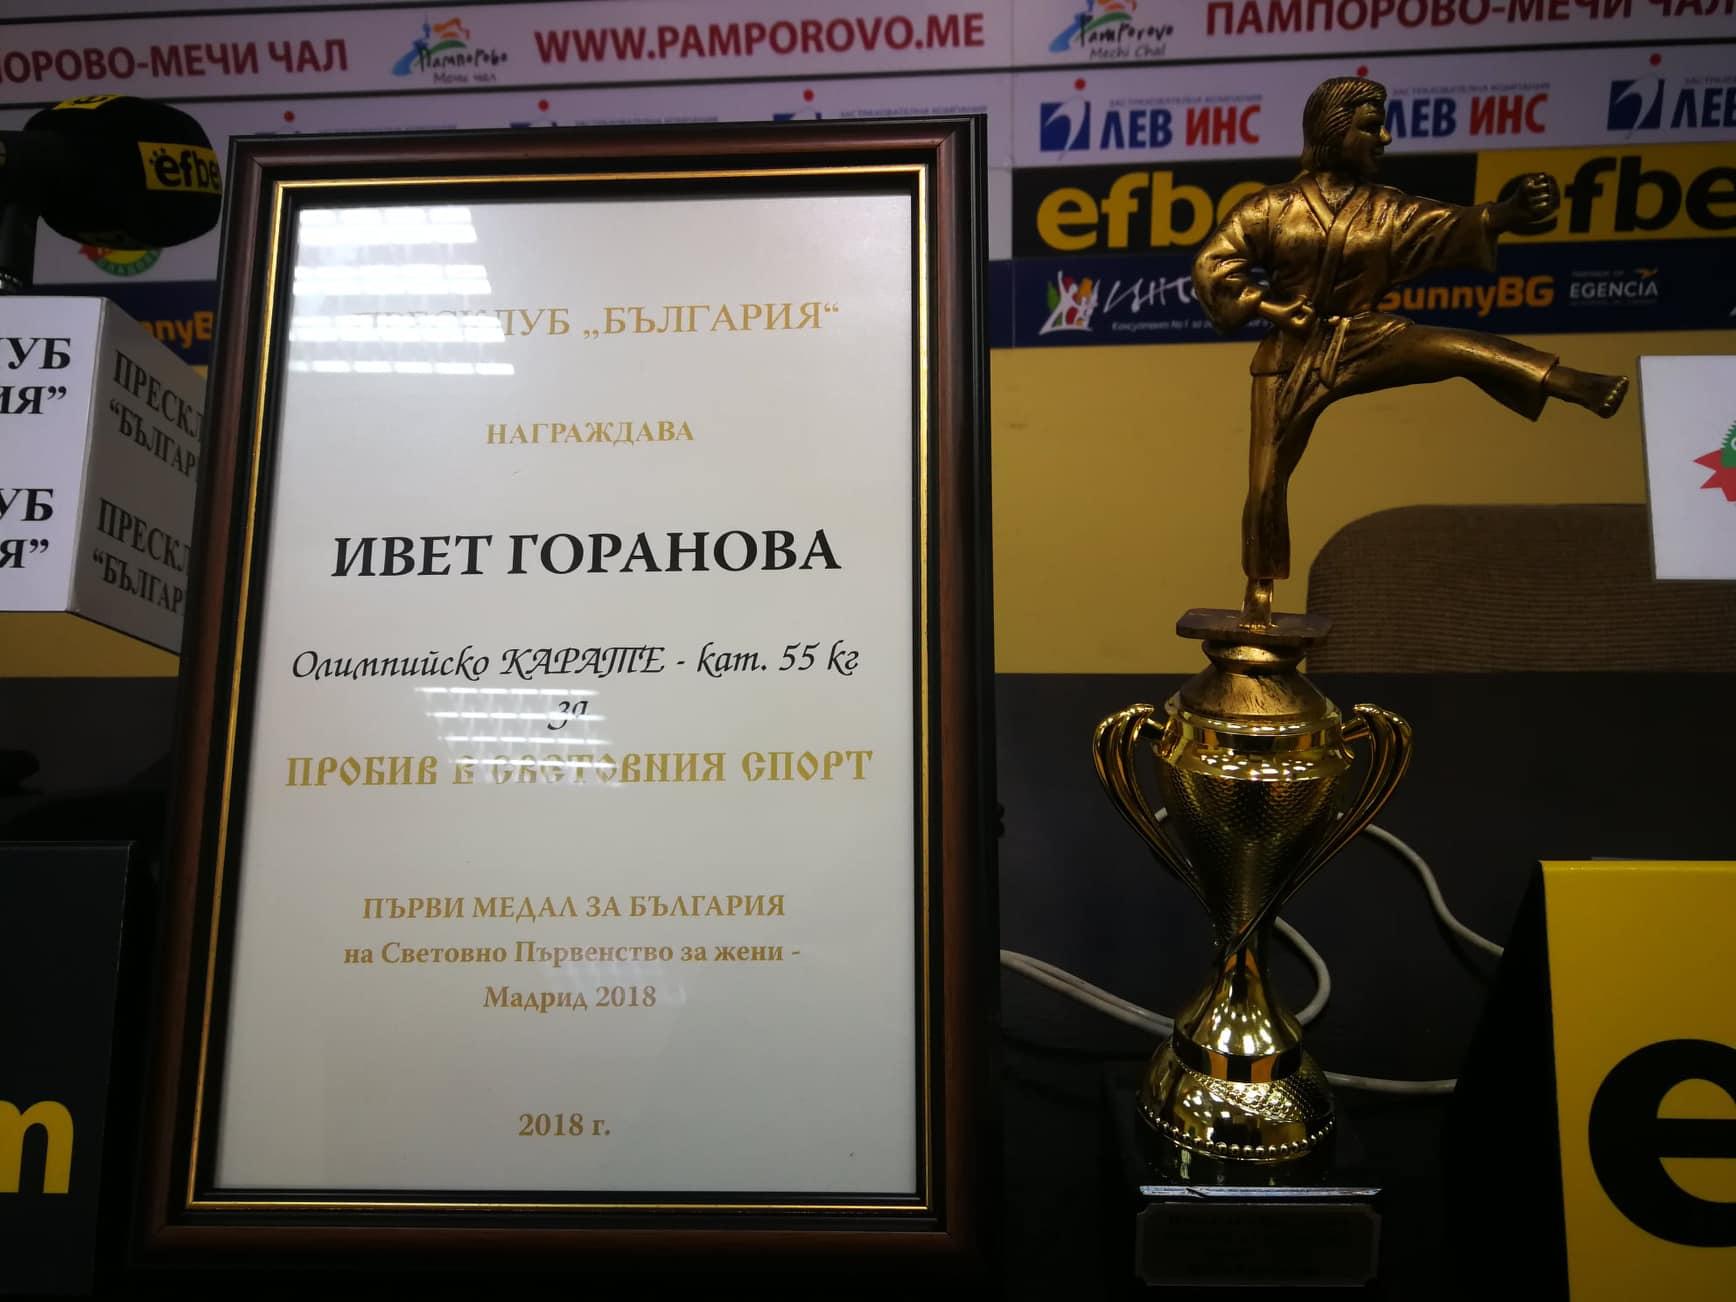 """Наградиха Ивет Горанова за """"Пробив в световния спорт""""  (ВИДЕО)"""